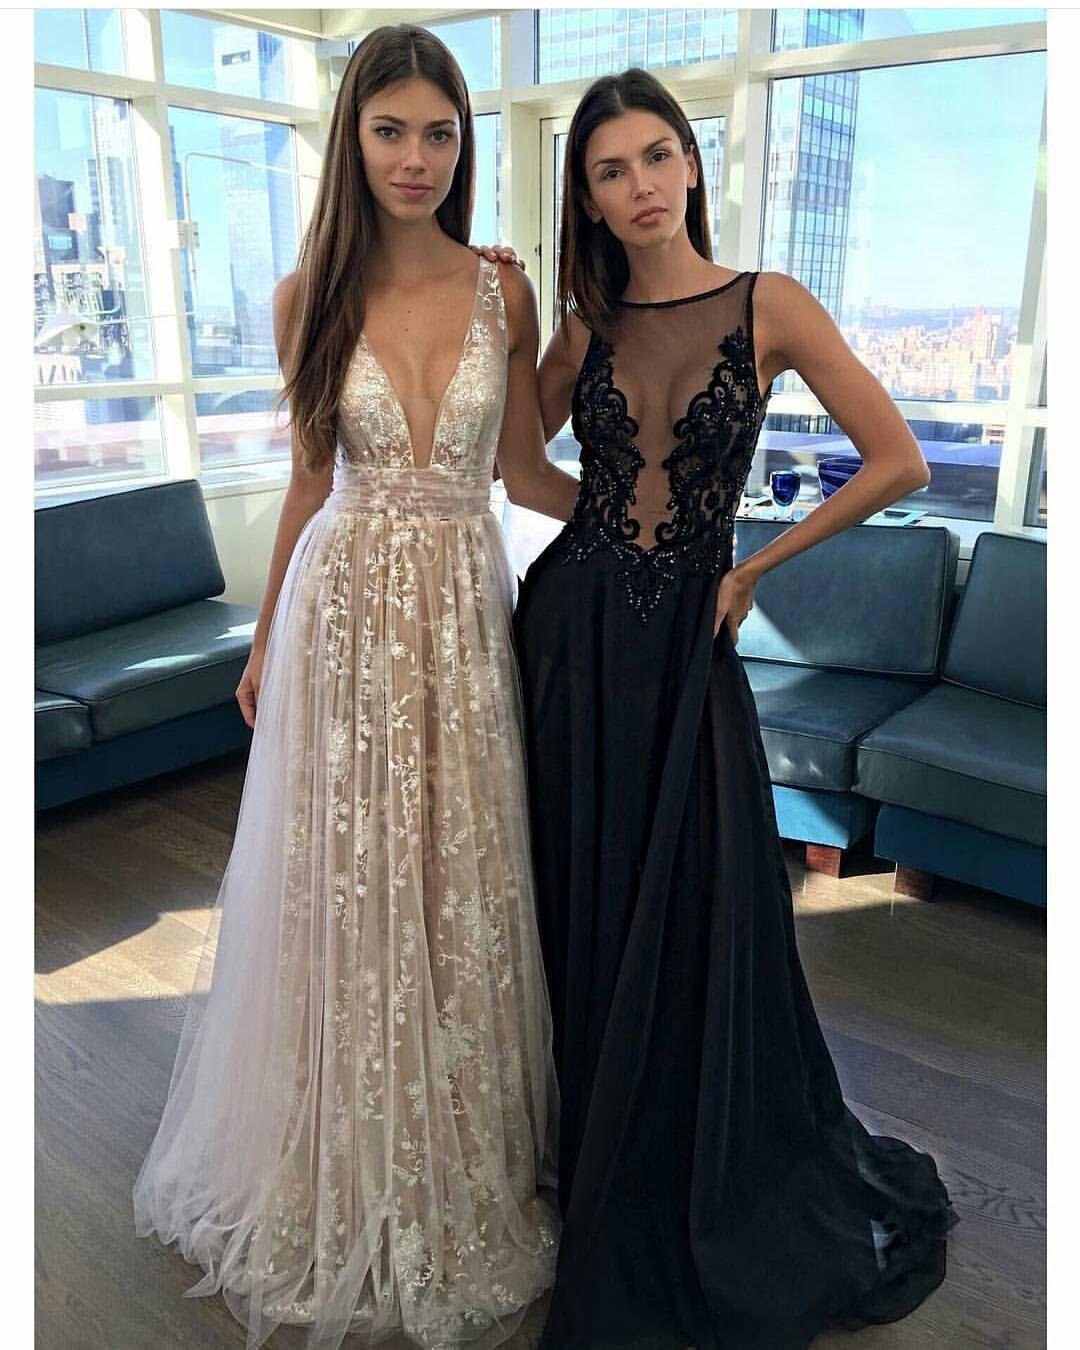 17 Wunderbar Abendkleid Instagram Galerie20 Cool Abendkleid Instagram Ärmel